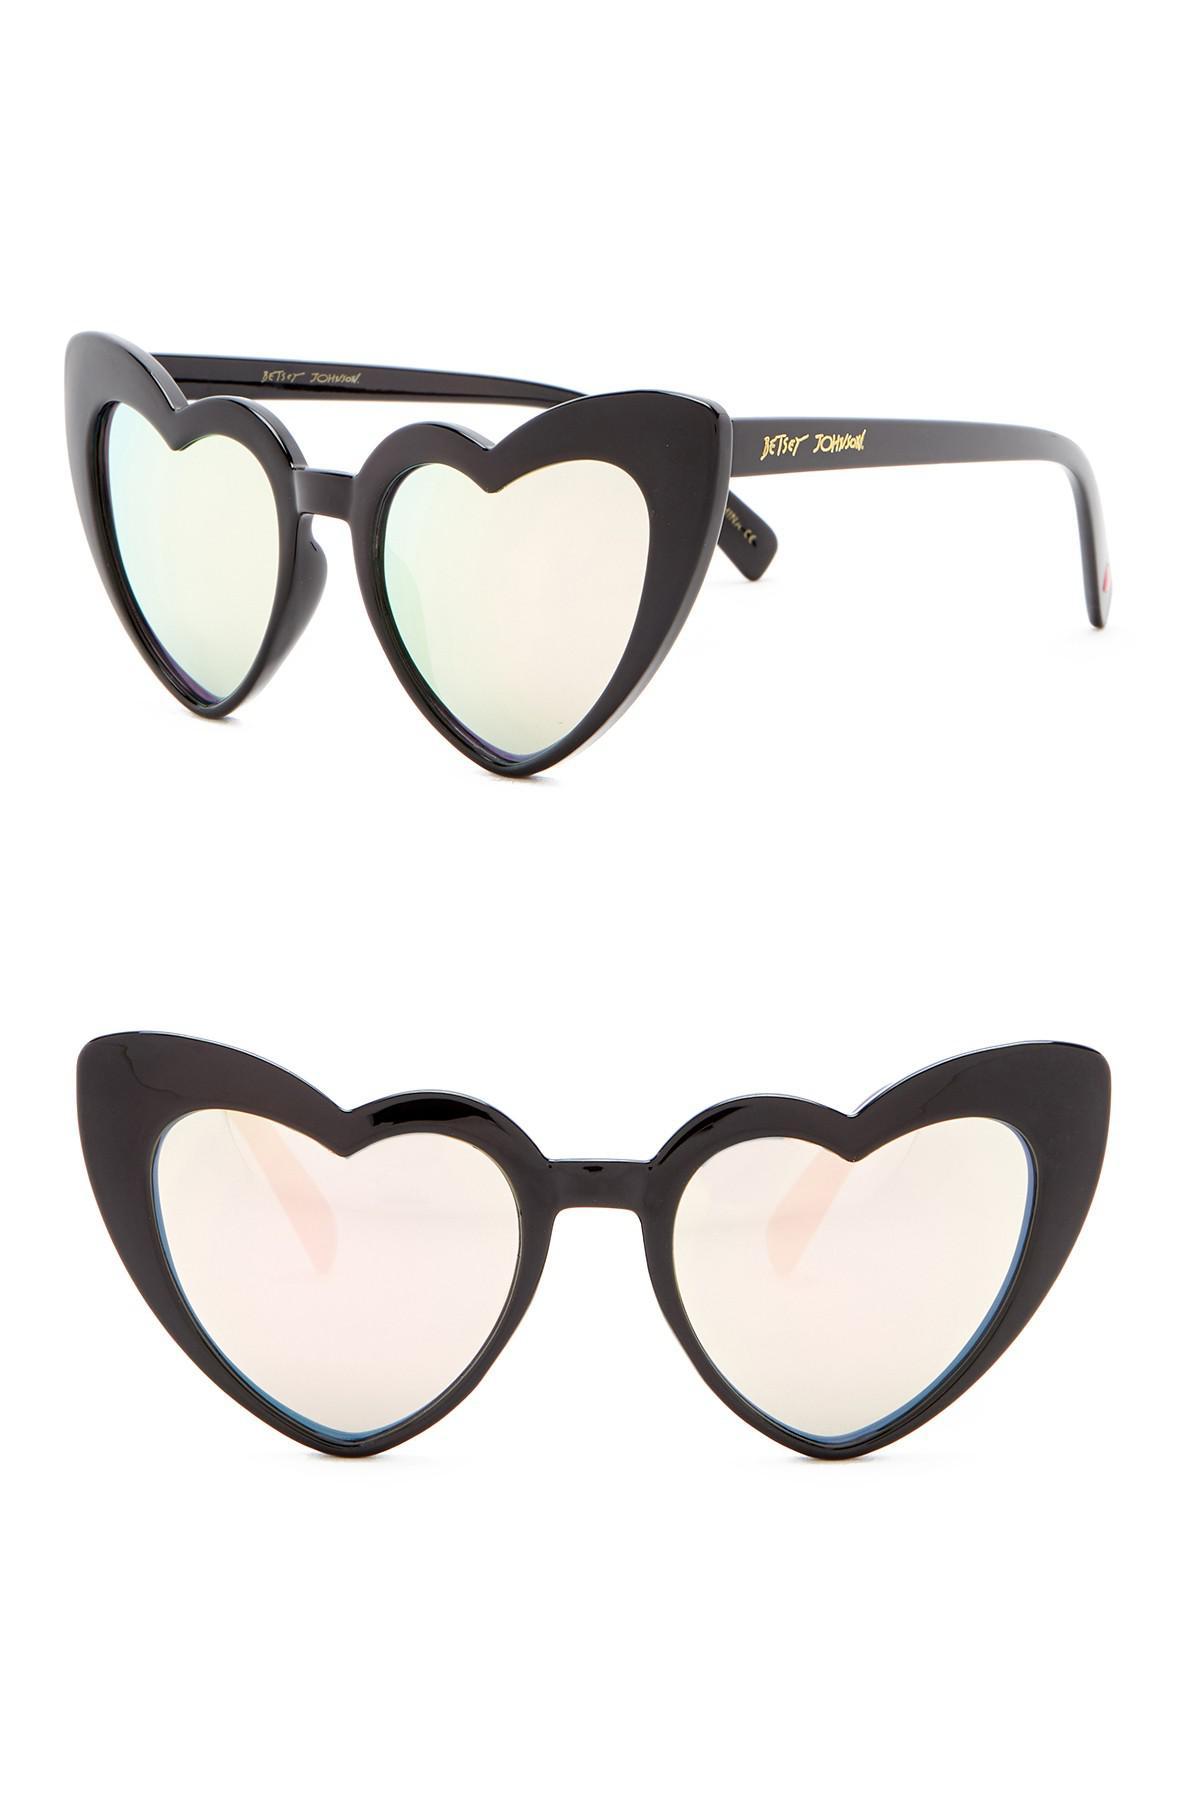 342fe865a7 Lyst - Betsey Johnson 52mm Heart Cat Eye Sunglasses in Black